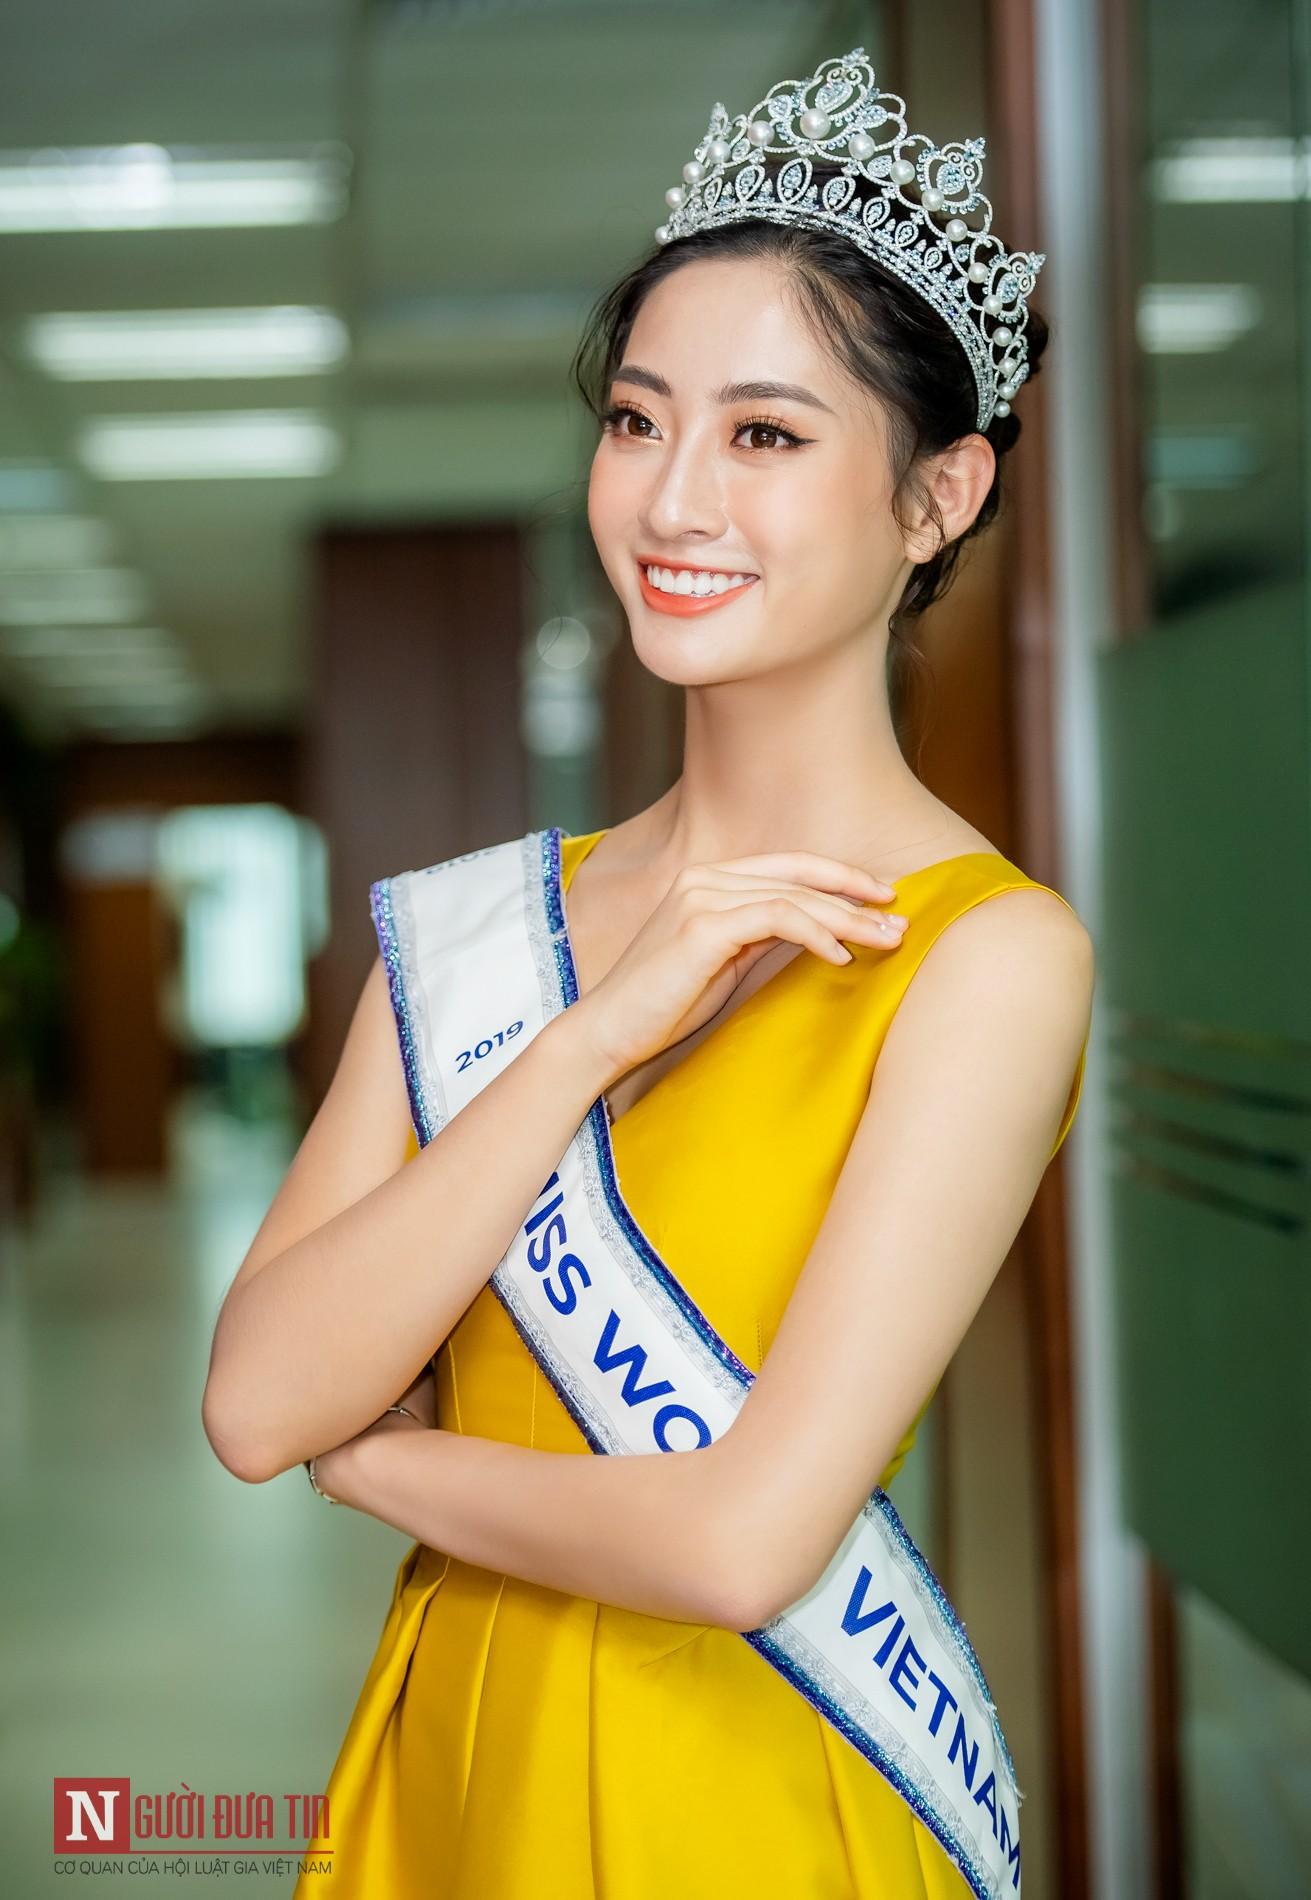 Ngỡ ngàng với nhan sắc Hoa hậu Lương Thùy Linh sau nửa tháng đăng quang - Hình 7